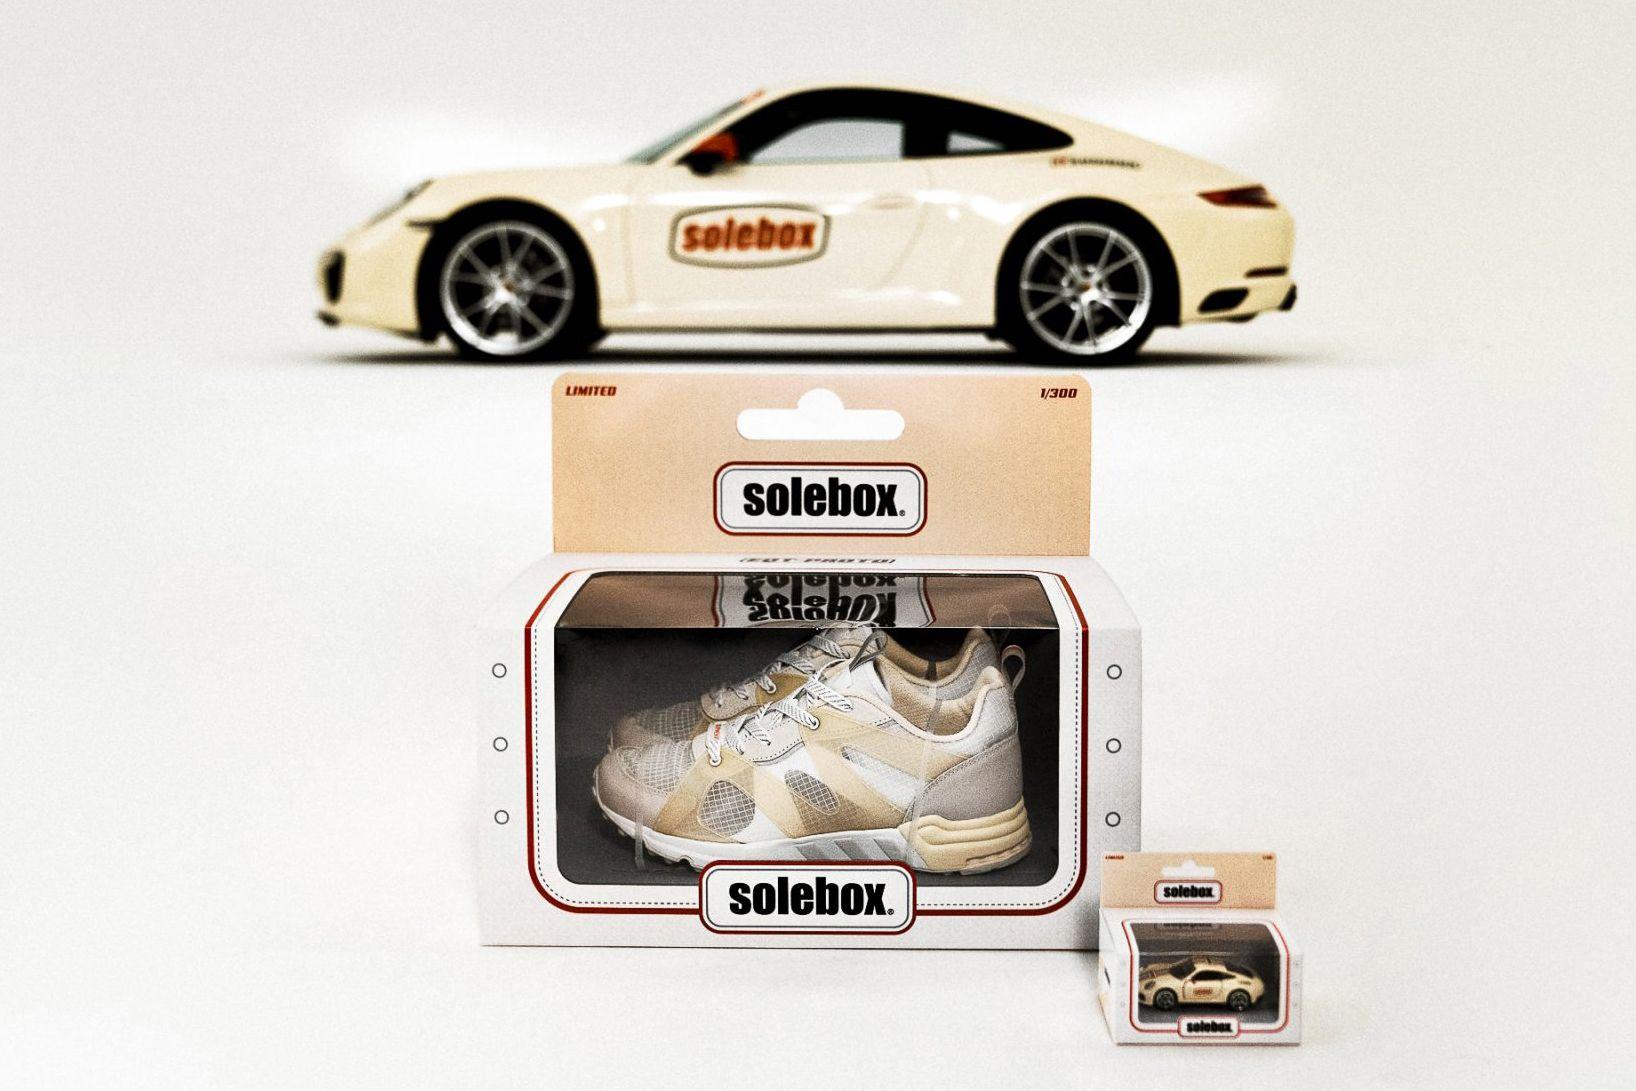 Solebox x adidas Consortium EQT Prototype